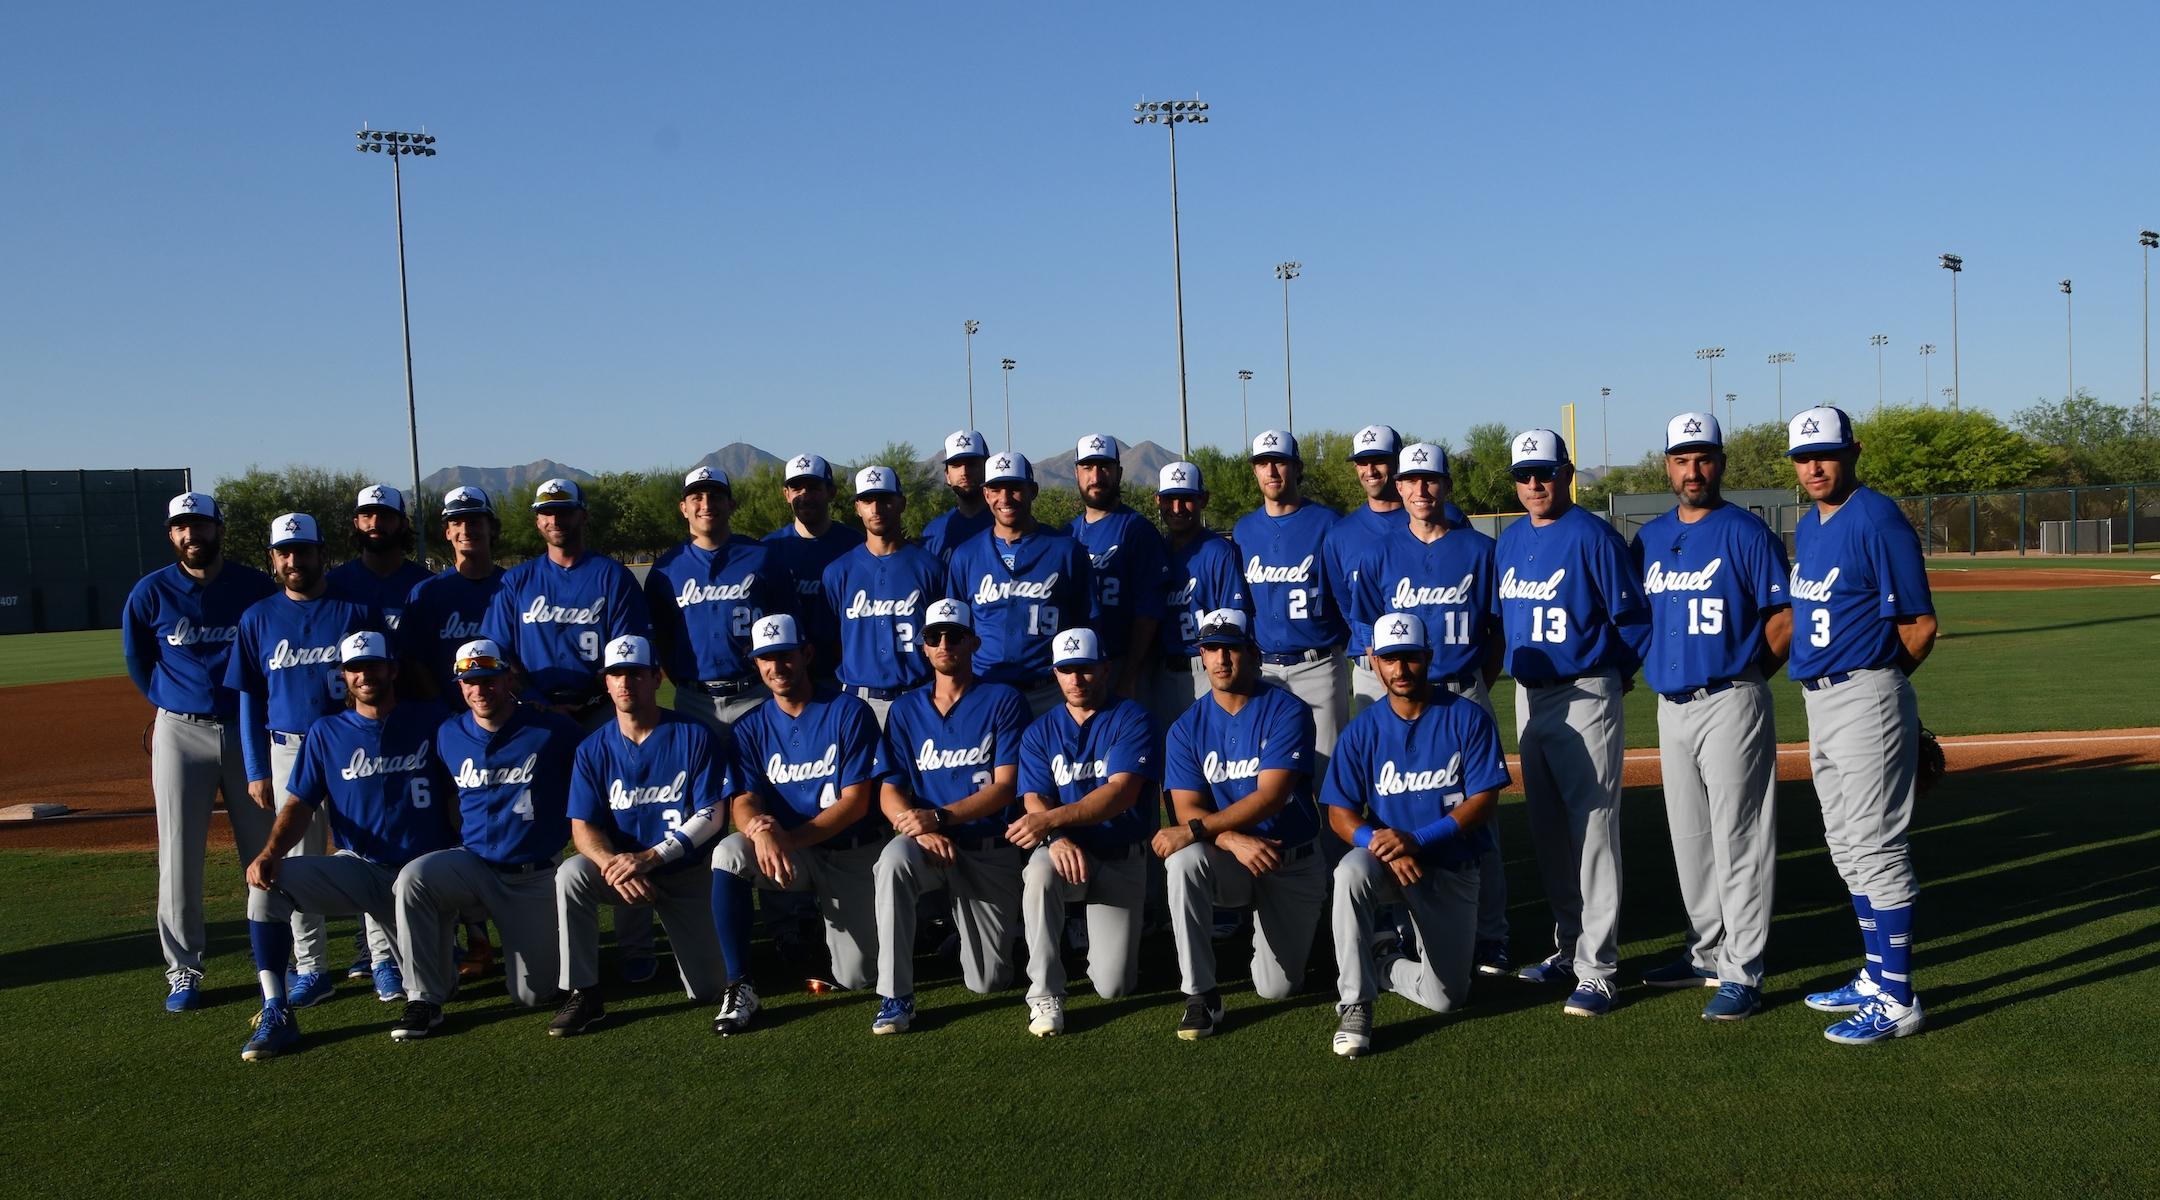 Team Israel baseball